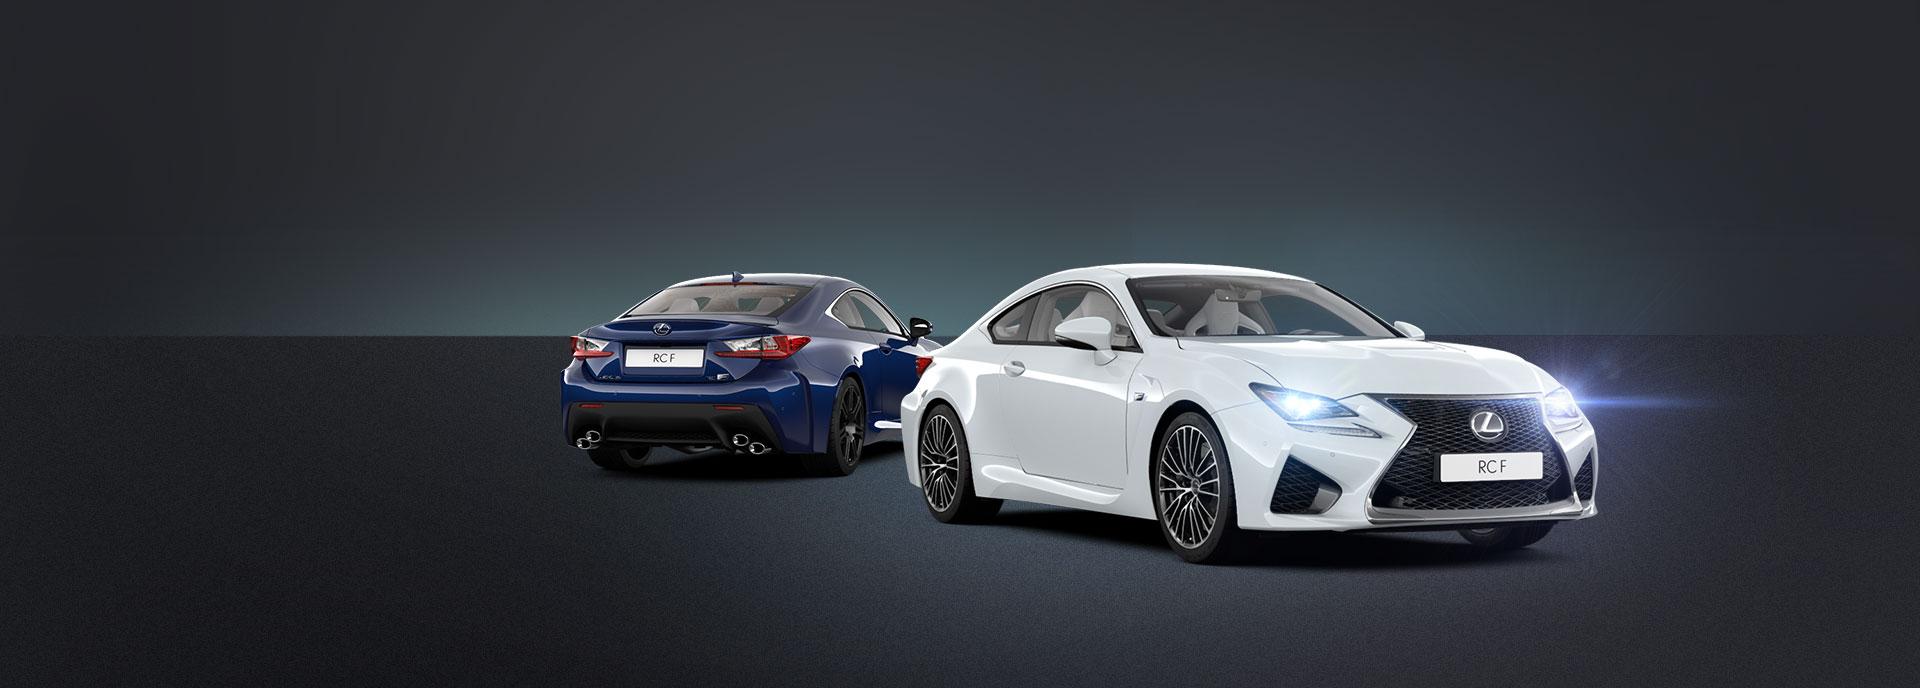 sininen ja valkoinen Lexus RC F